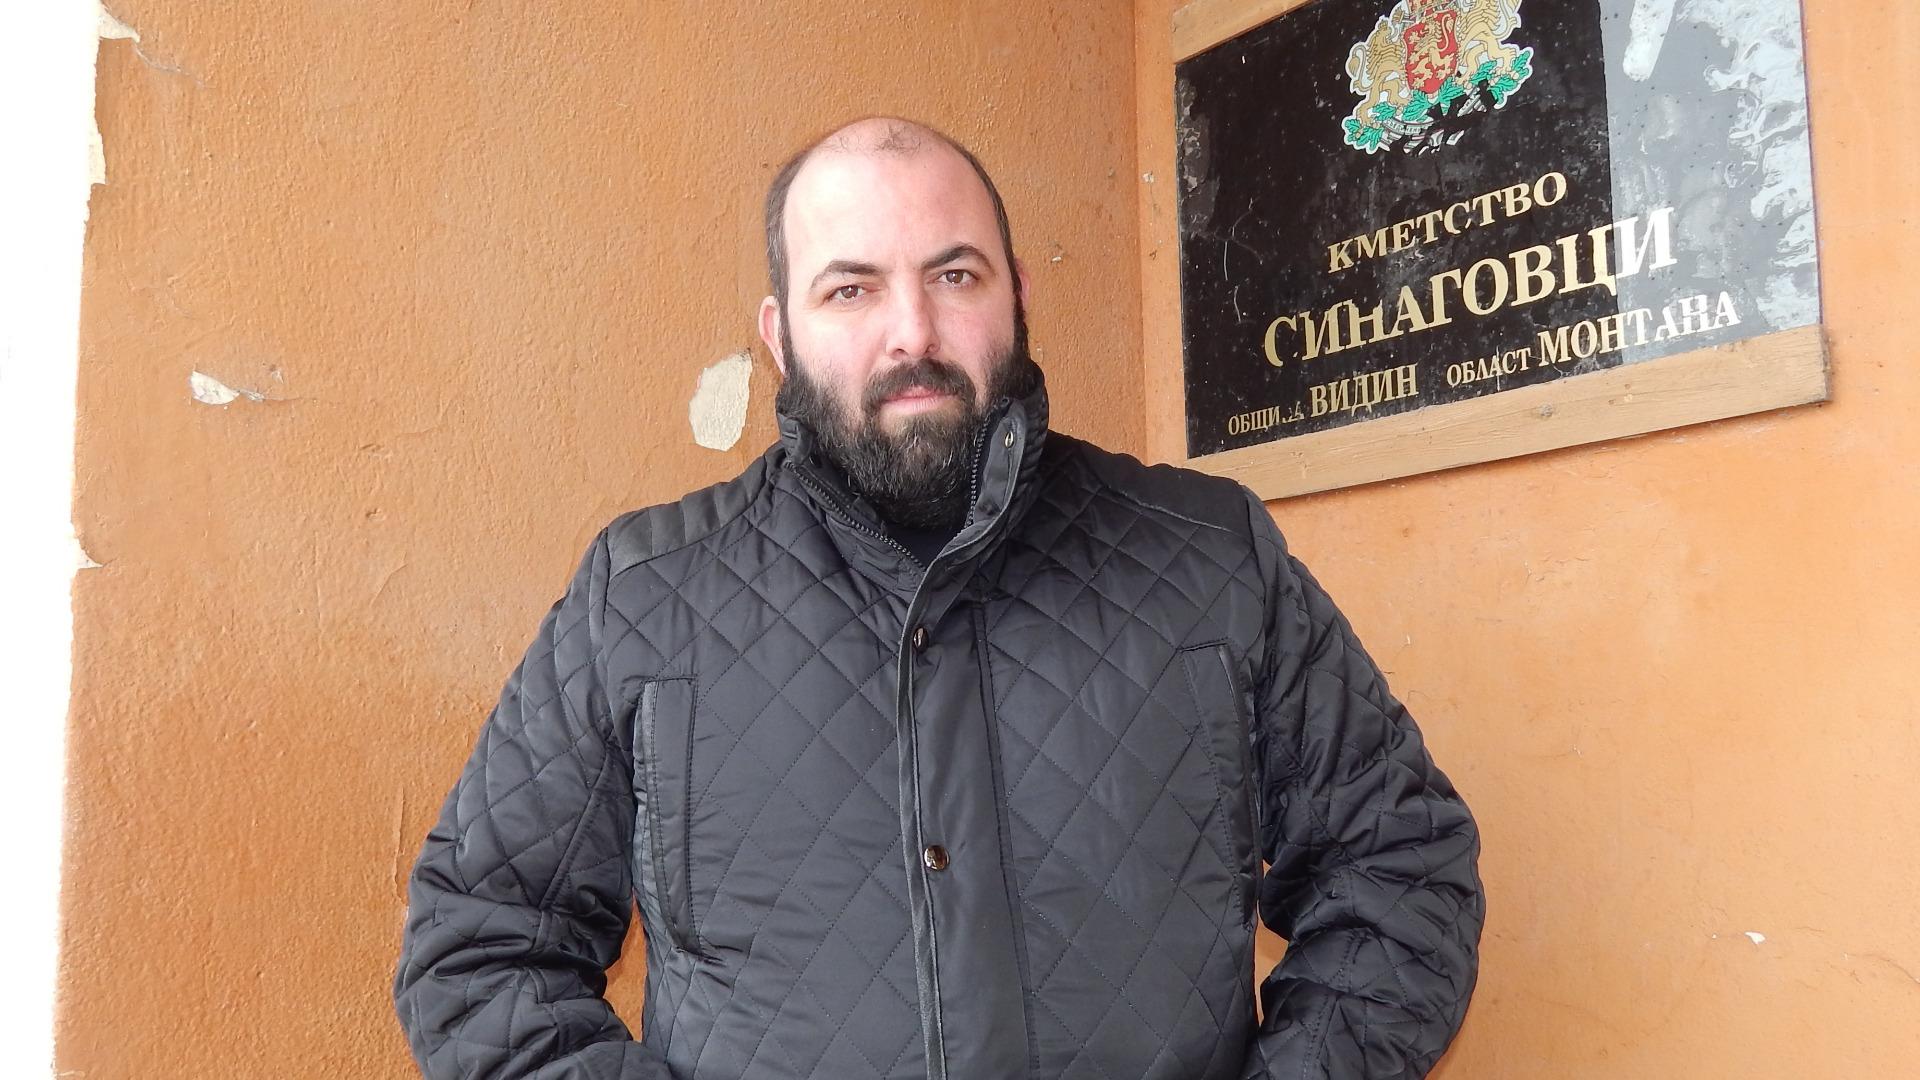 Иван Иванов, кмет на с. Синаговци